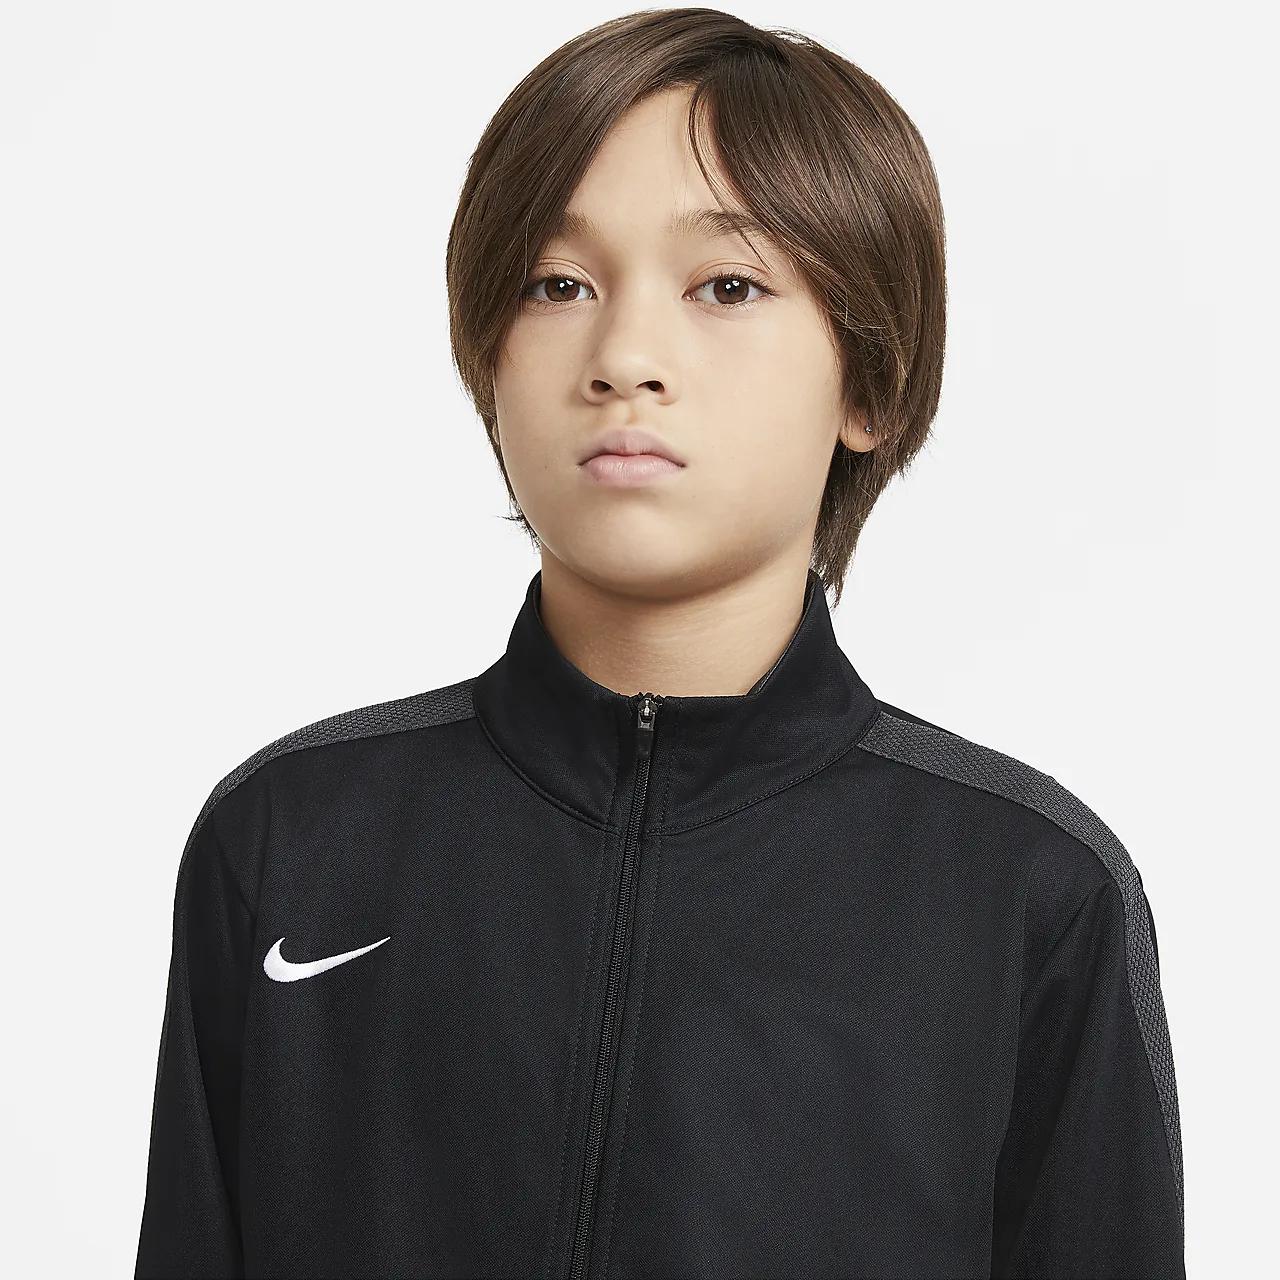 Nike Big Kids' (Boys') Training Jacket 836306-020